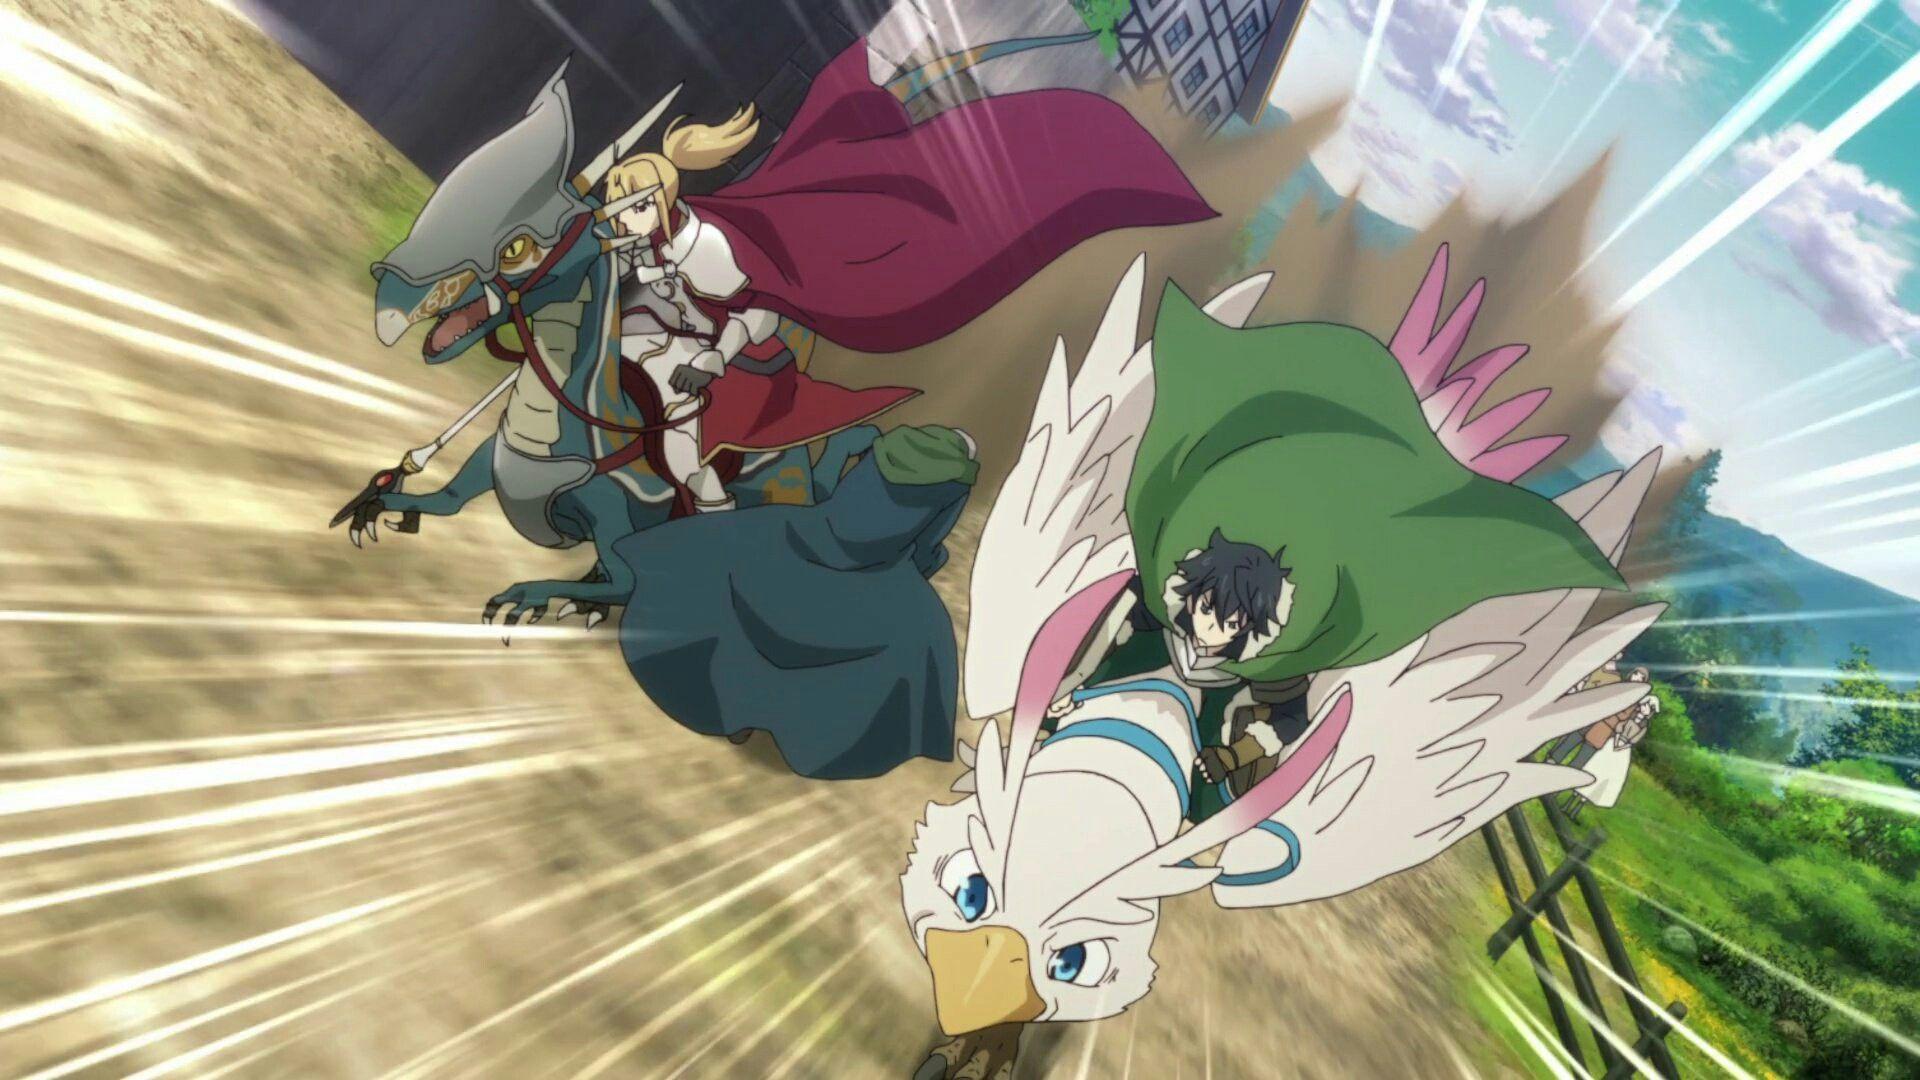 Episodio 5 Tate no Yuusha no Nariagari (The Rising of